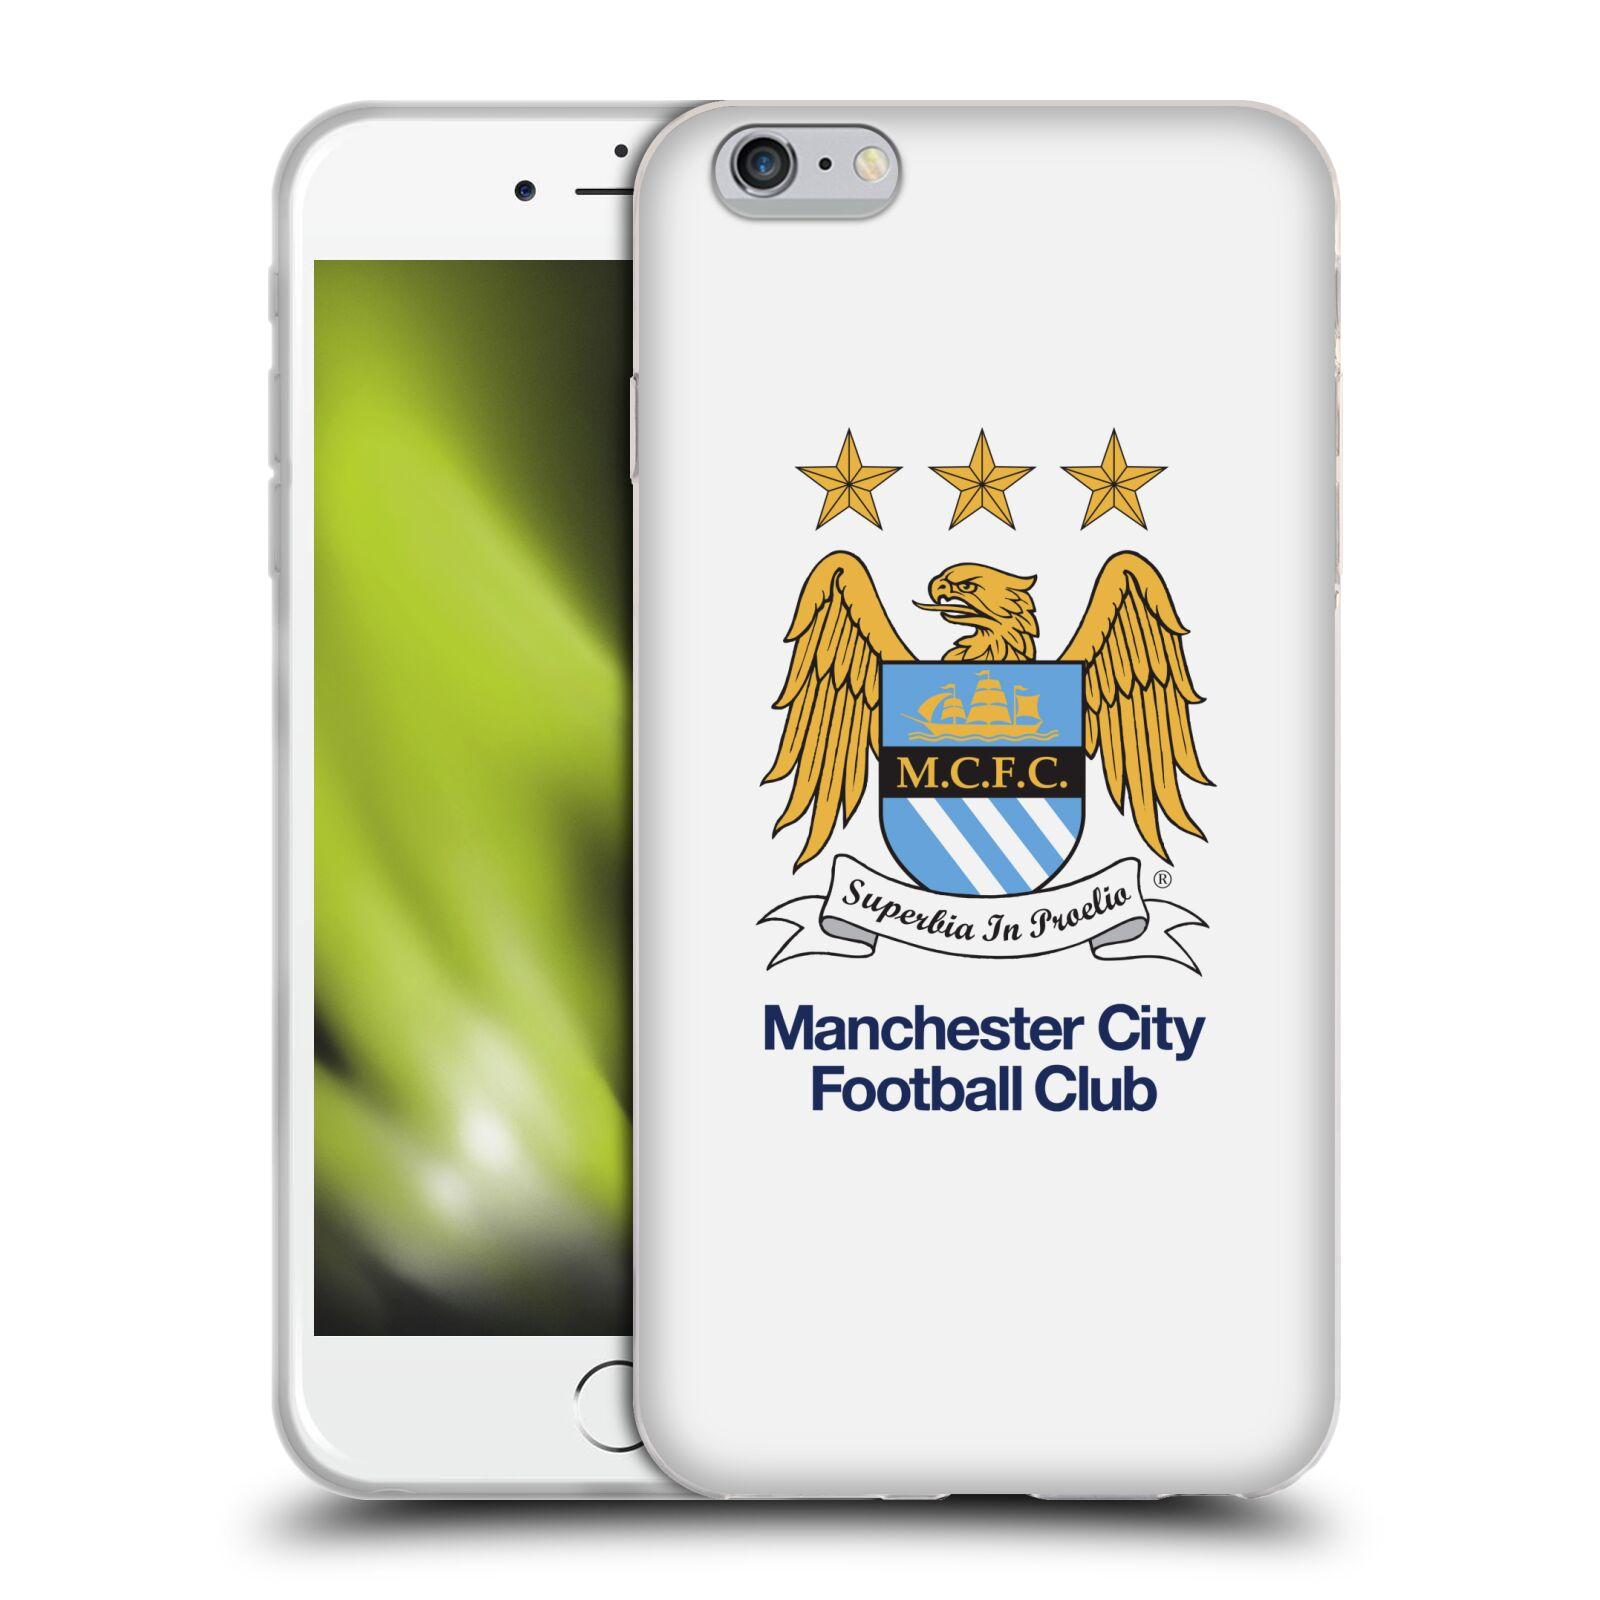 HEAD CASE silikonový obal na mobil Apple Iphone 6/6S PLUS Fotbalový klub Manchester City bílé pozadí velký znak pták